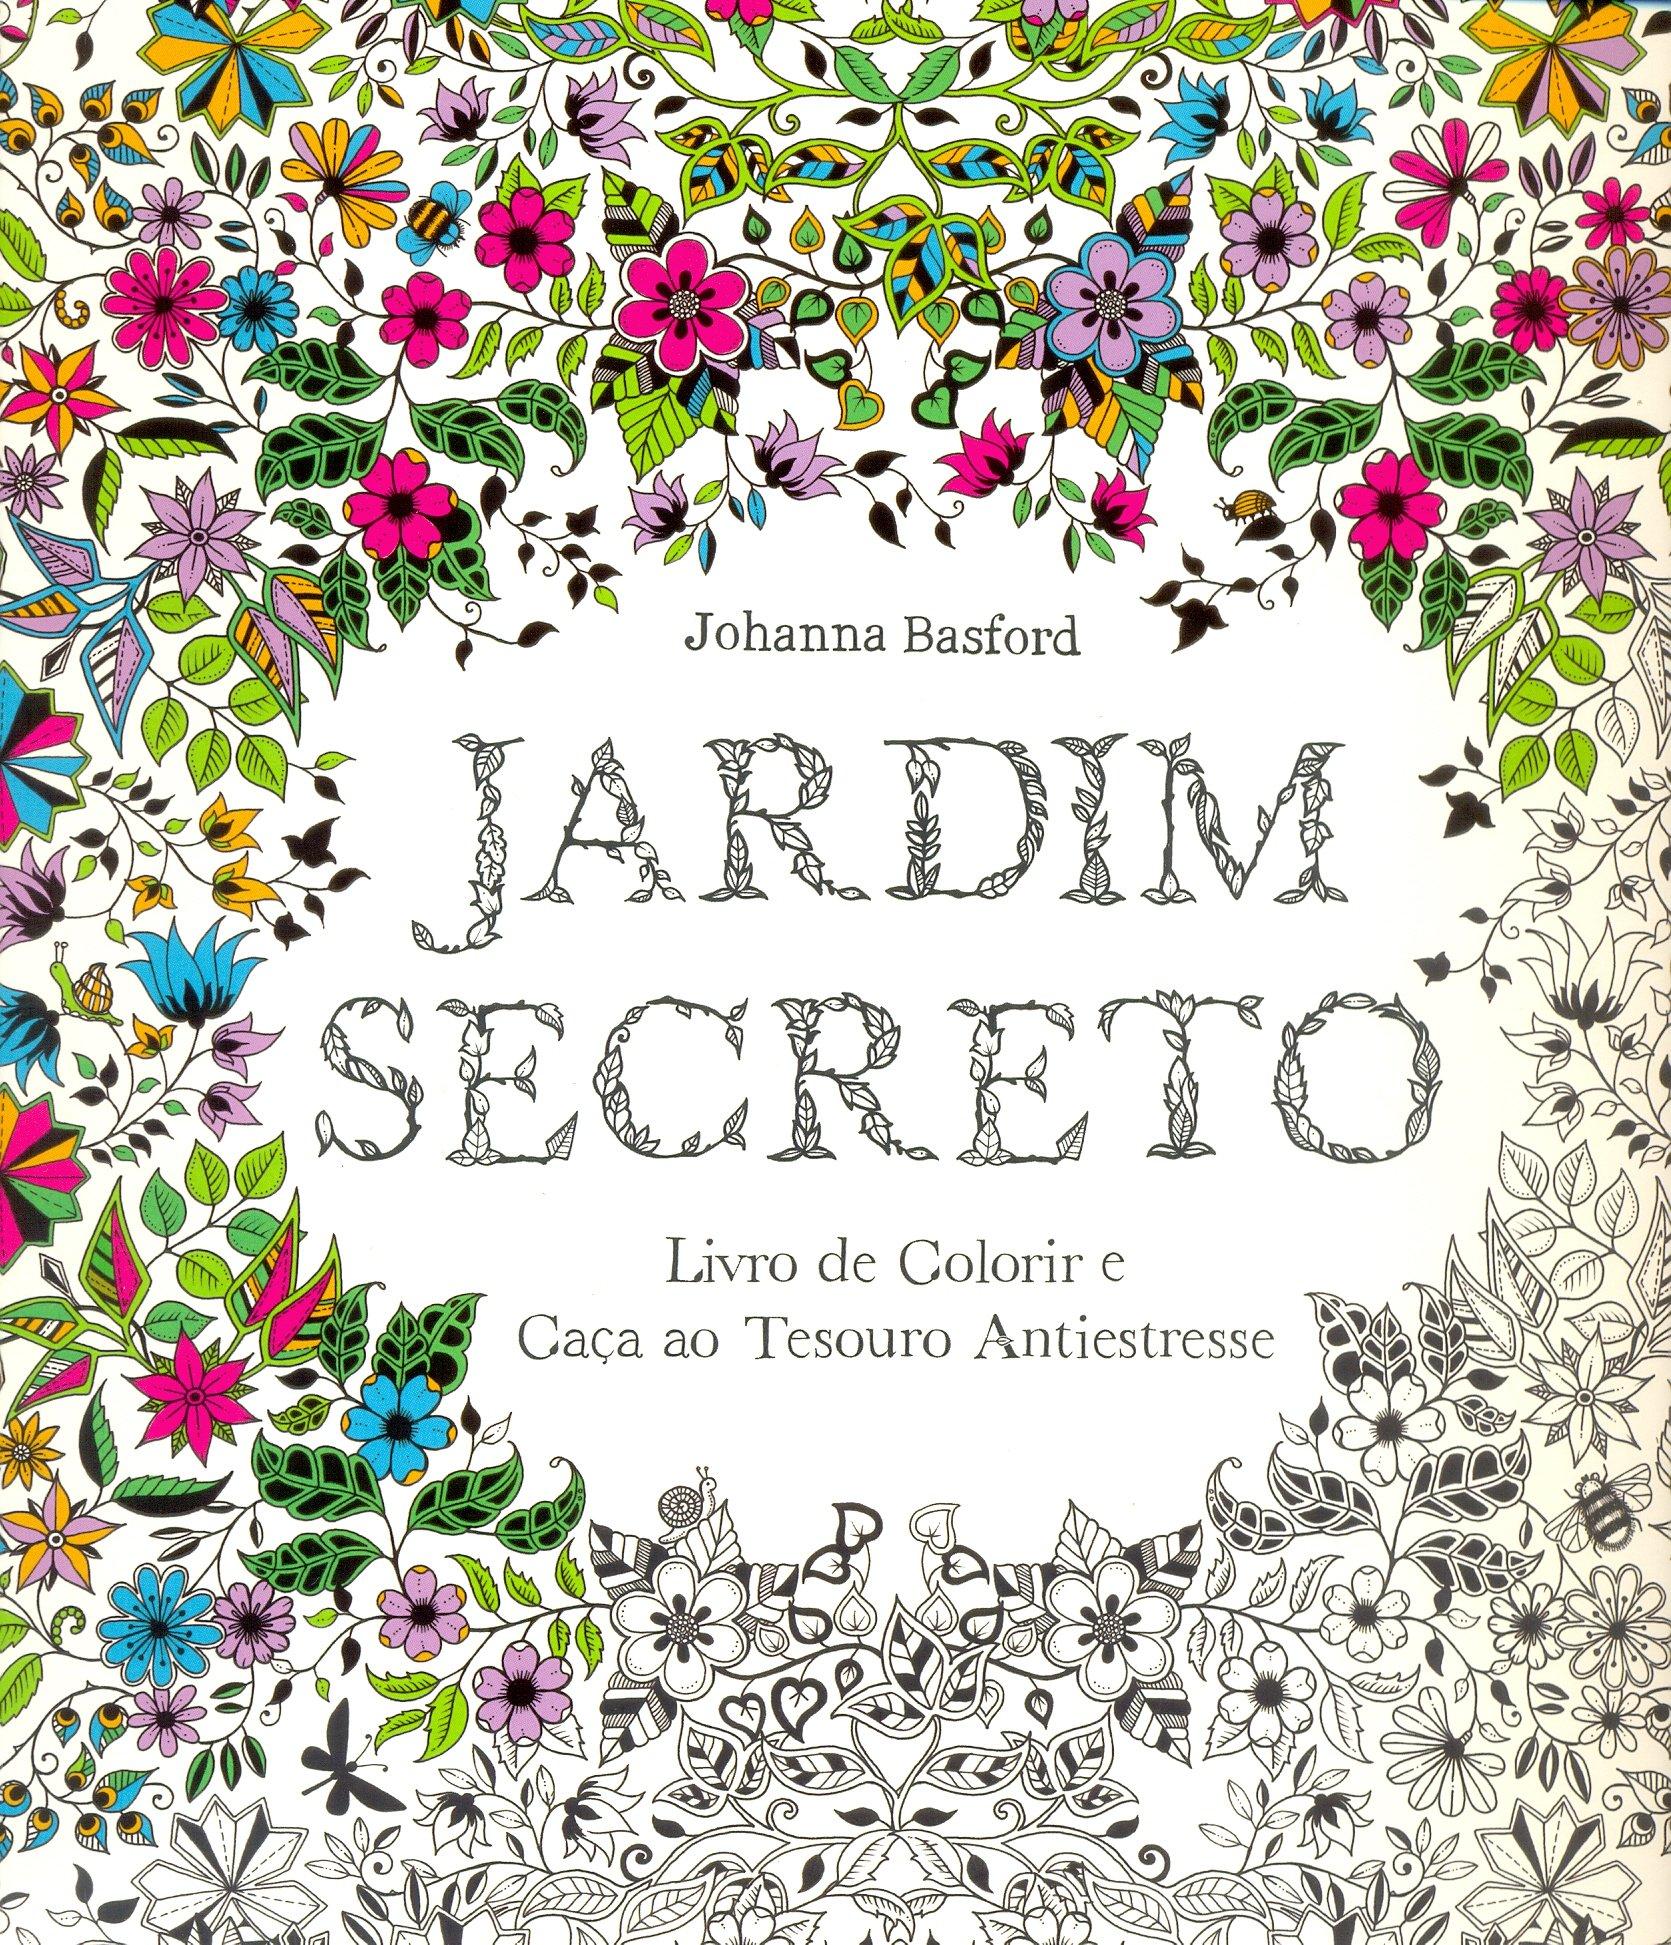 Jardim Secreto Livro De Colorir E Caca Ao Tesouro Antiestresse